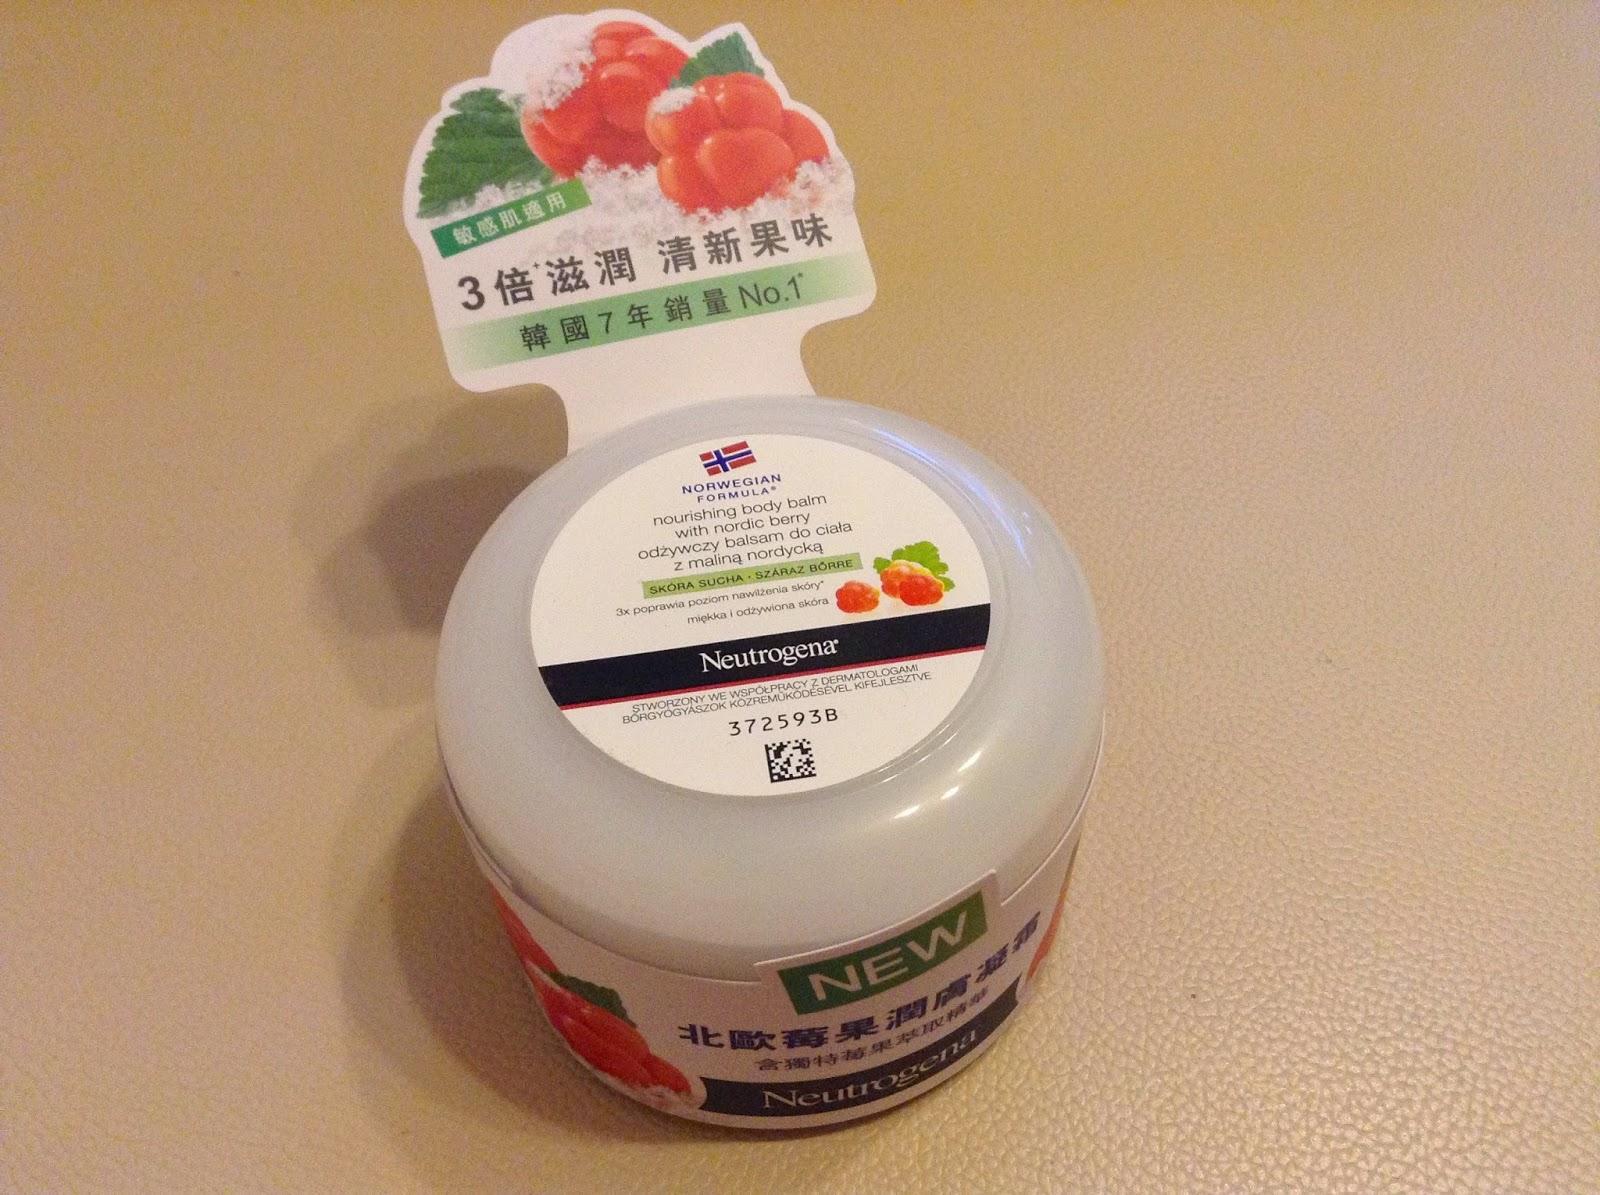 >>極地超級果實抵乾燥*Neutrogena 露得清 全新北歐莓果潤膚凝霜 Nourishing Body Balm with Nordic Berry